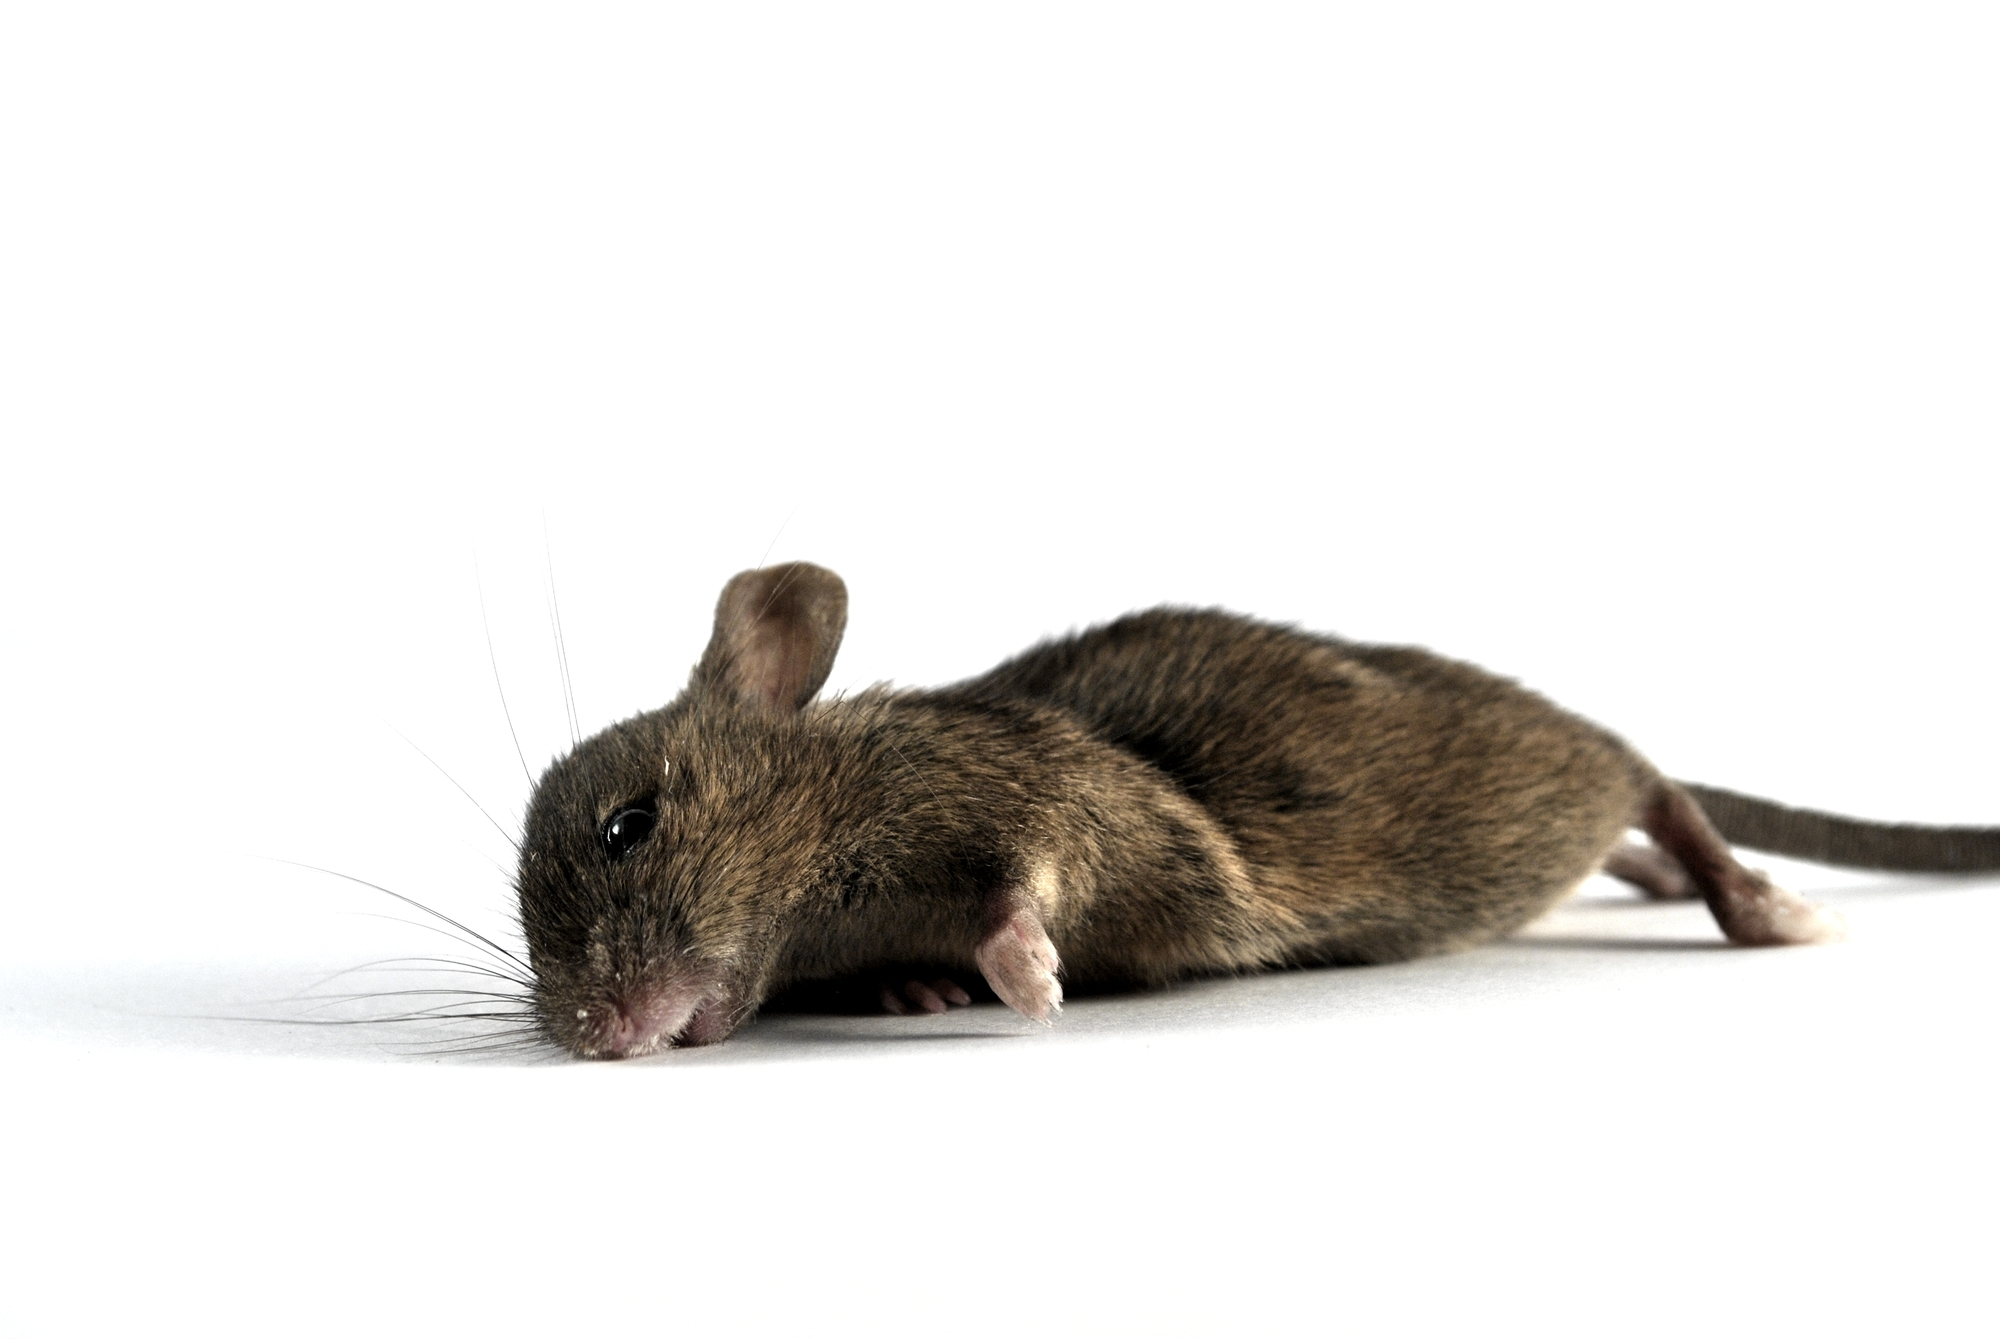 Японские учёные вкалывали мышам «конские» дозы вакцины, втысячу раз превышающие человеческие, иразрушали специальным токсином гематоэнцефалический барьер. Фактически, это был ненаучный эксперимент, аобыкновенное убийство животных.